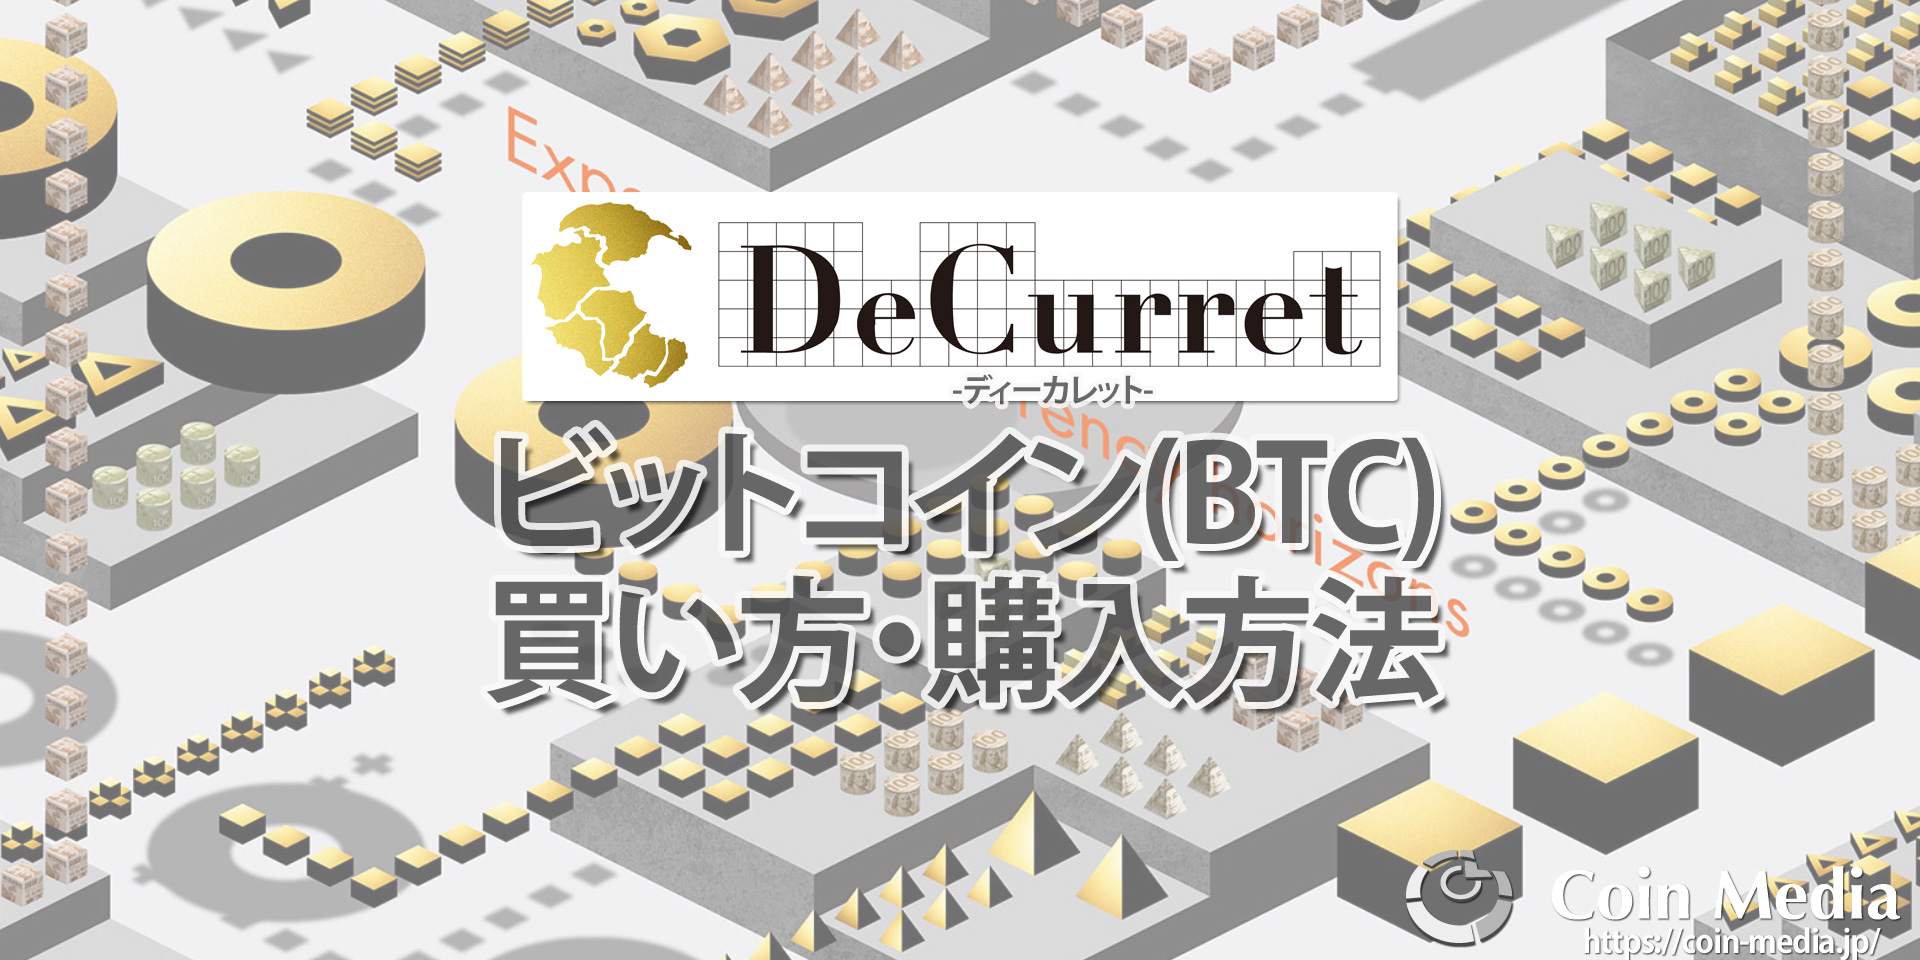 ディーカレット(DeCurret)のビットコイン(BTC)の買い方・購入方法